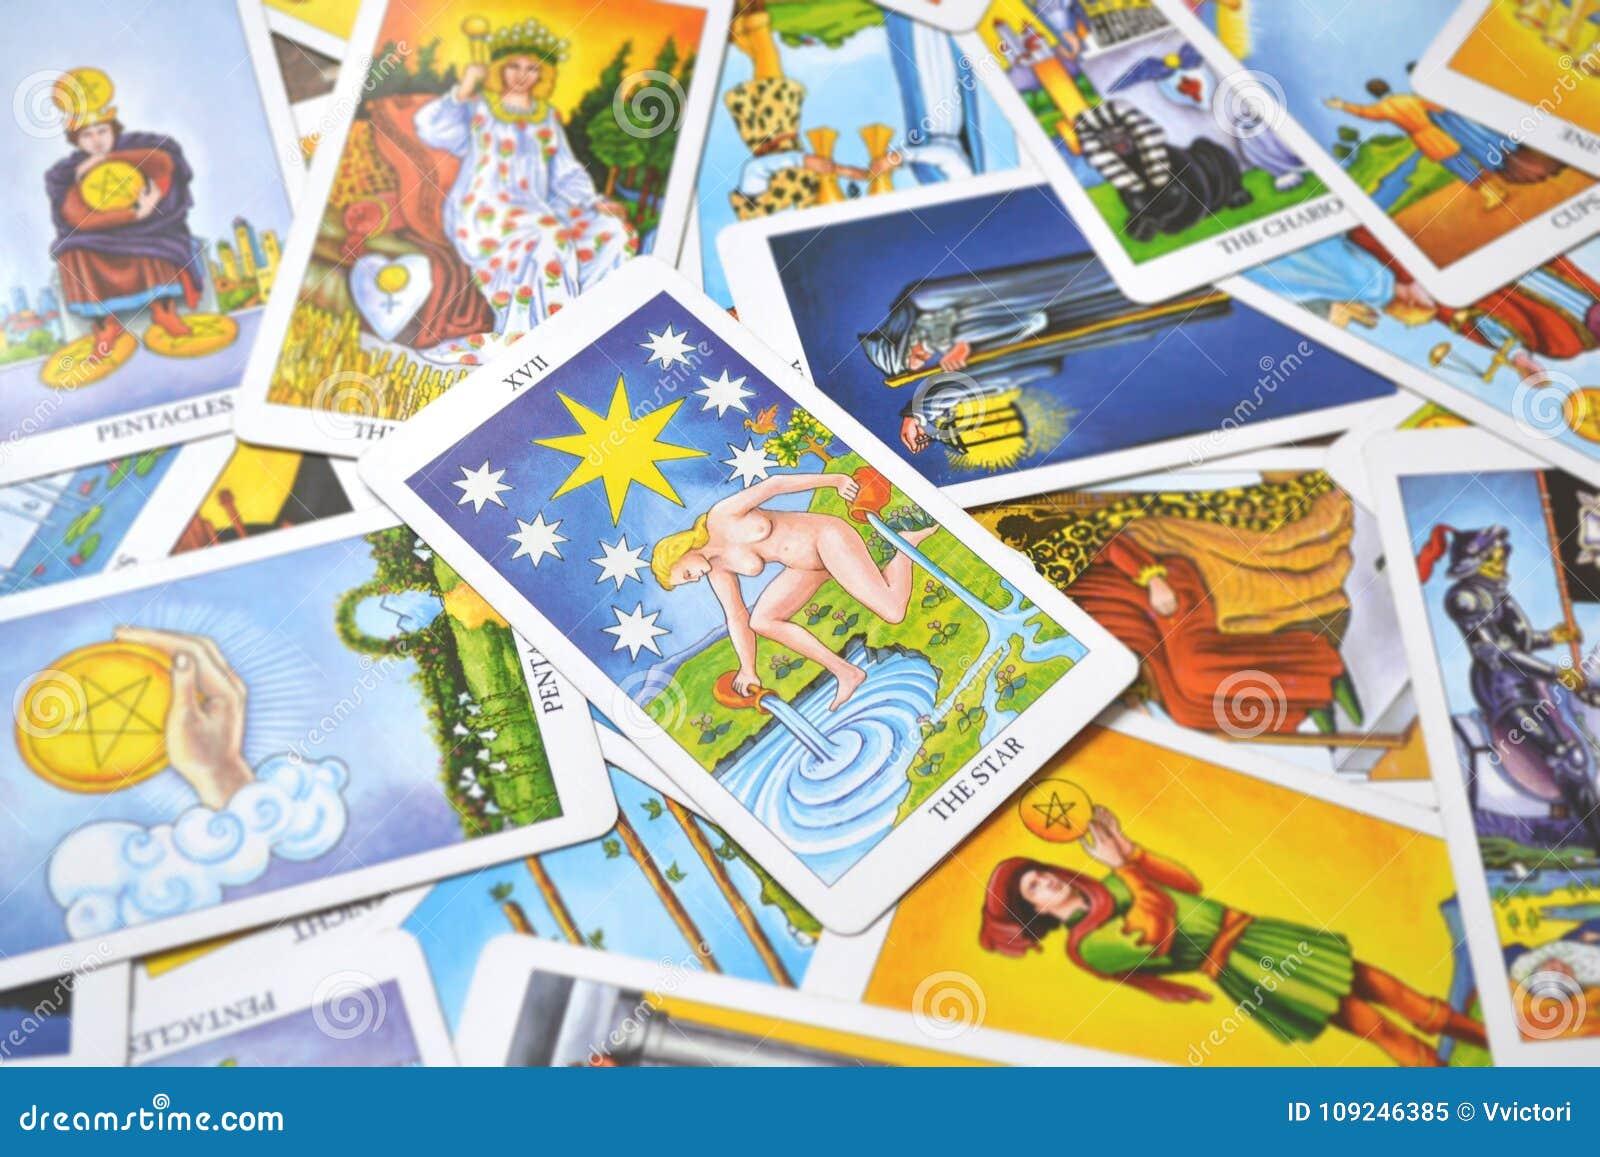 Η ελπίδα καρτών Tarot αστεριών, ευτυχία, ευκαιρίες, αισιοδοξία, ανανέωση, πνευματικότητα